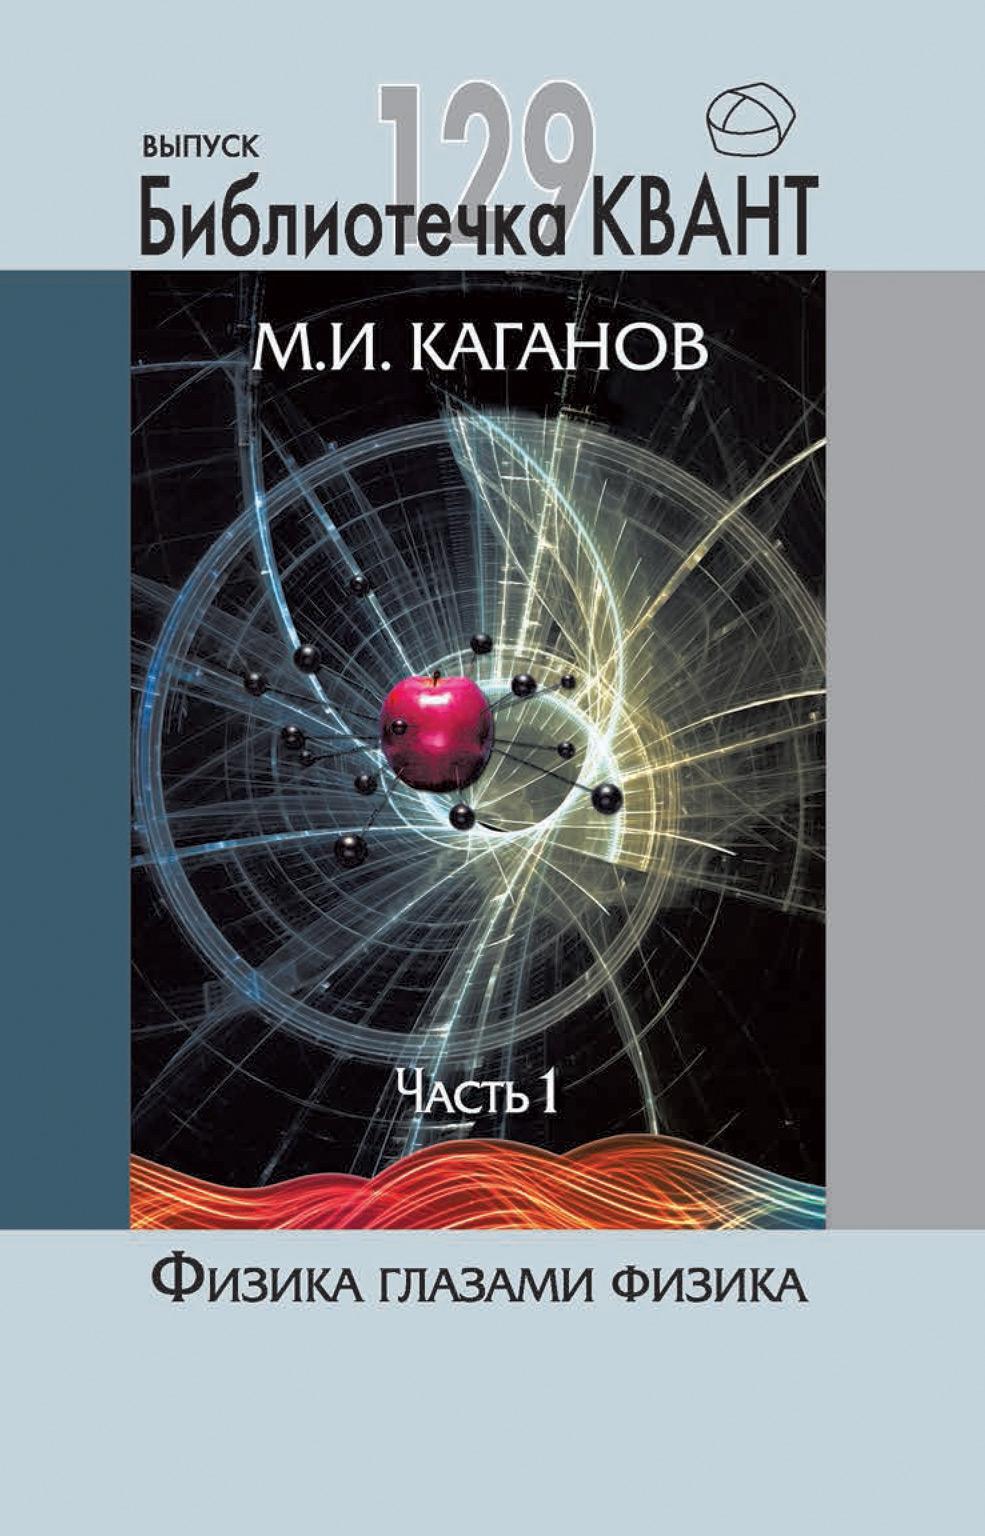 М. И. Каганов Физика глазами физика. Часть 1 цена